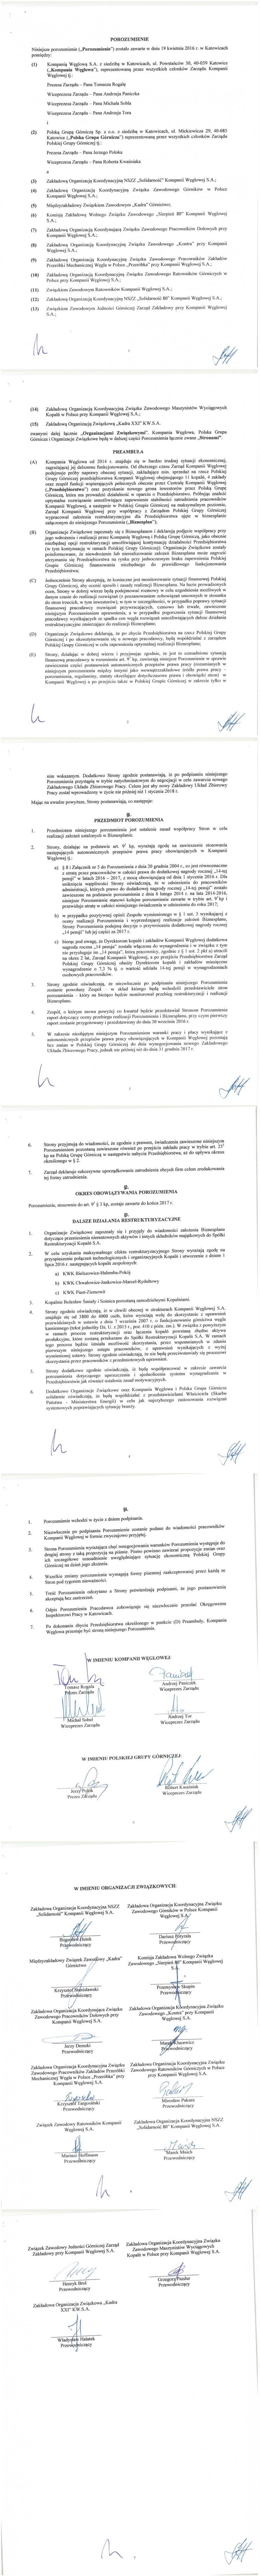 -Porozumienie-podpisane-KW_19_04_2016_06